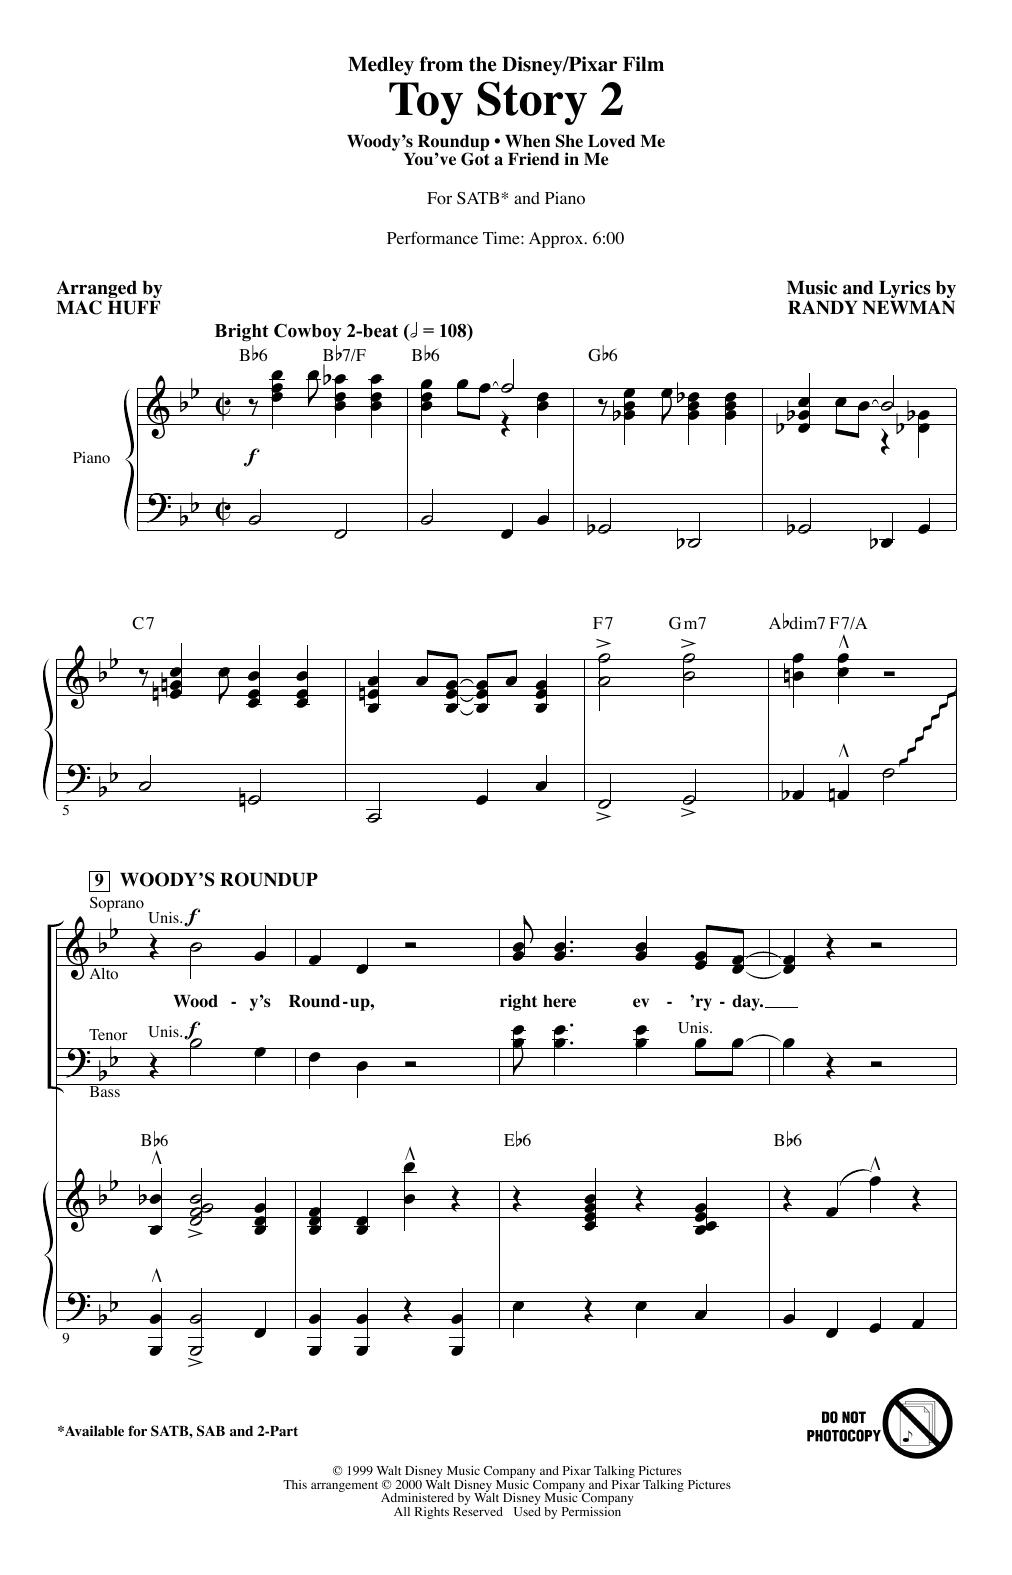 Toy Story 2 (Medley) (arr. Mac Huff) (SATB Choir)